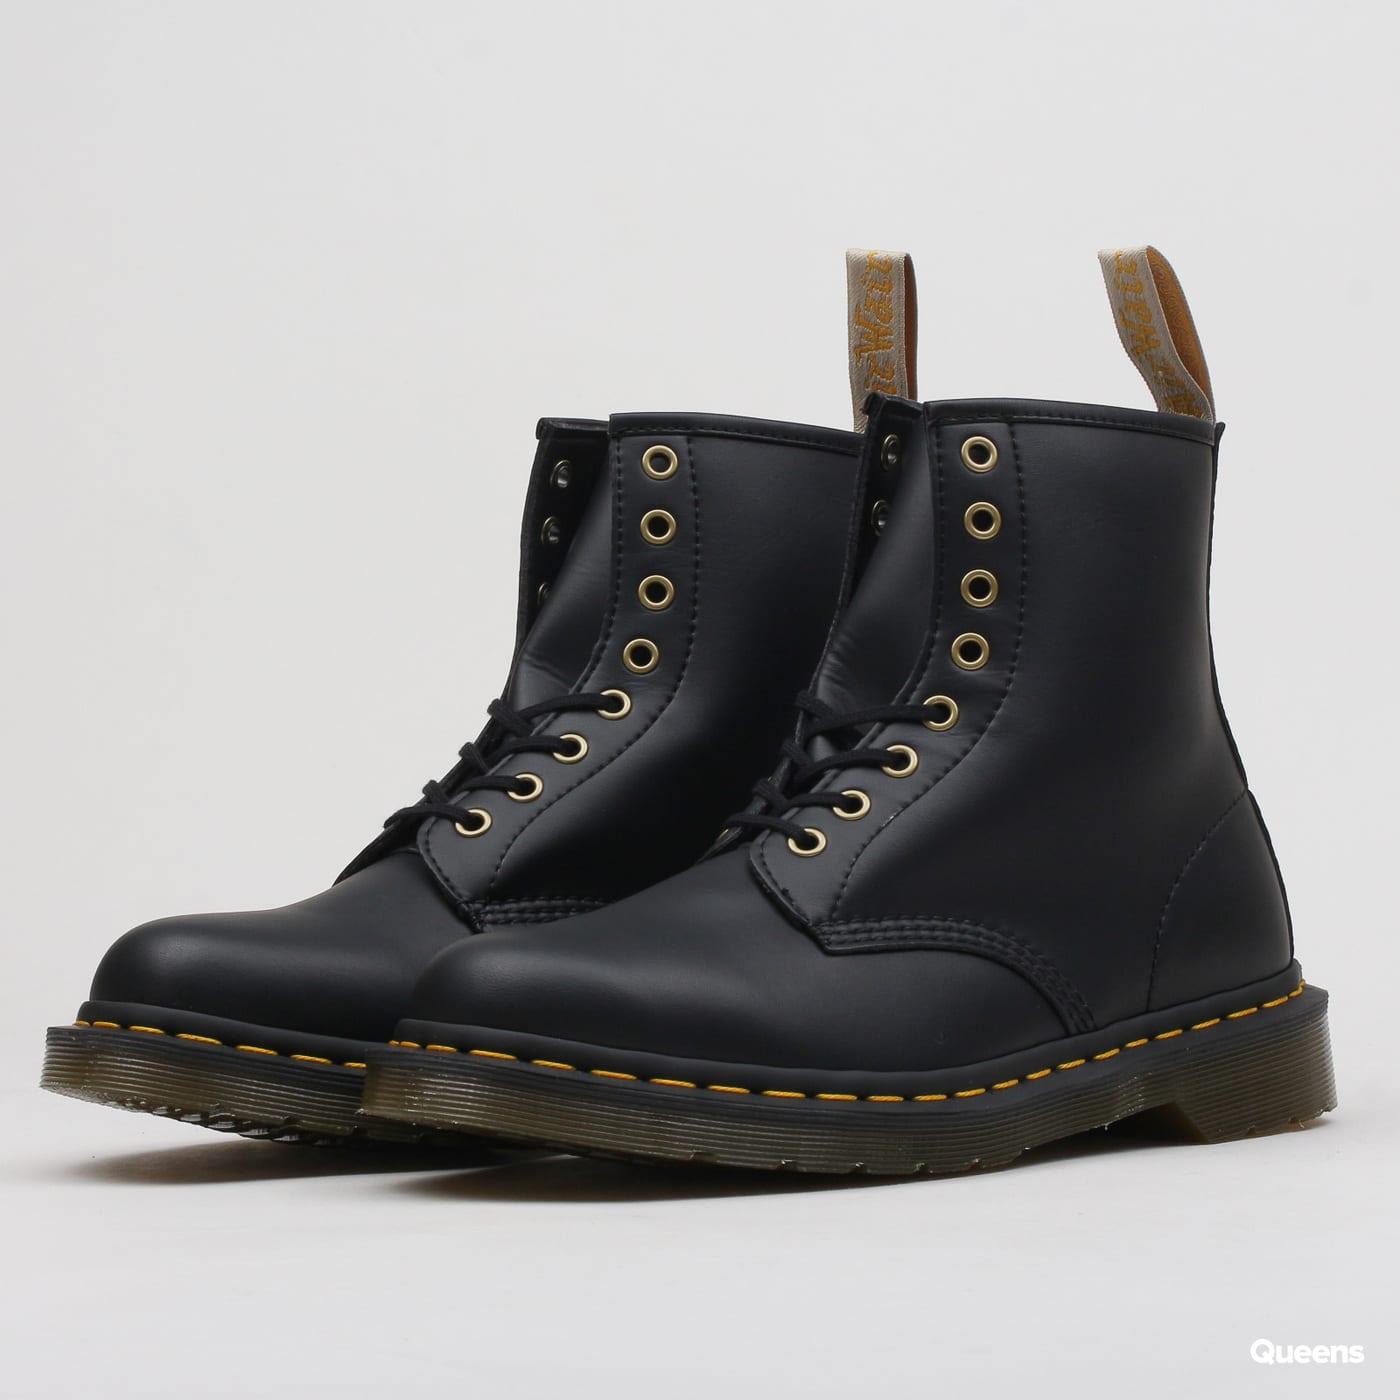 10d98a0b15a Men's winter boots Dr. Martens Vegan 1460 black felix rub off (DM14045001)  – Queens 💚